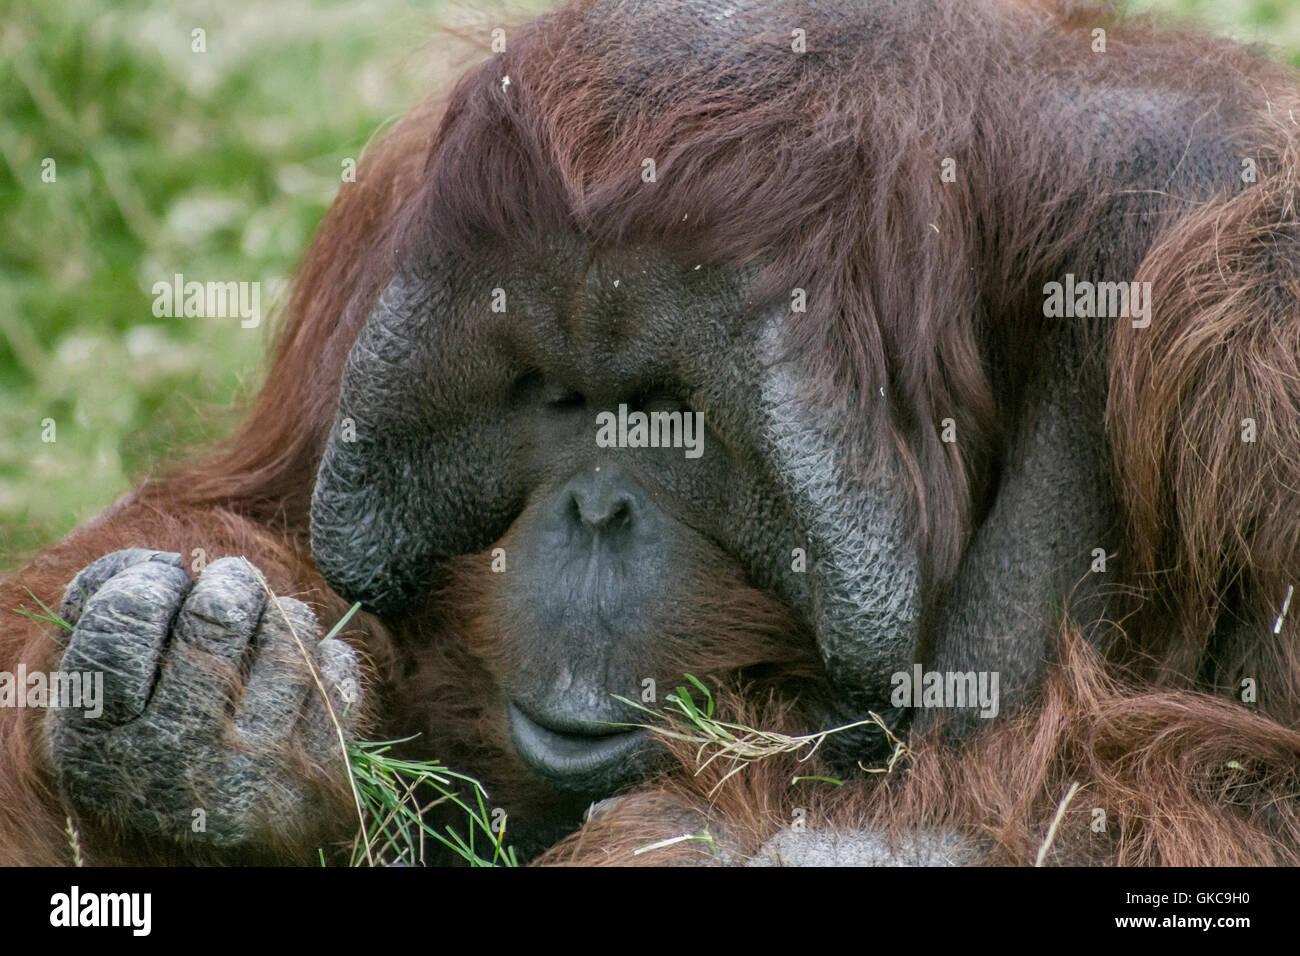 Male Orangutan. Stock Photo